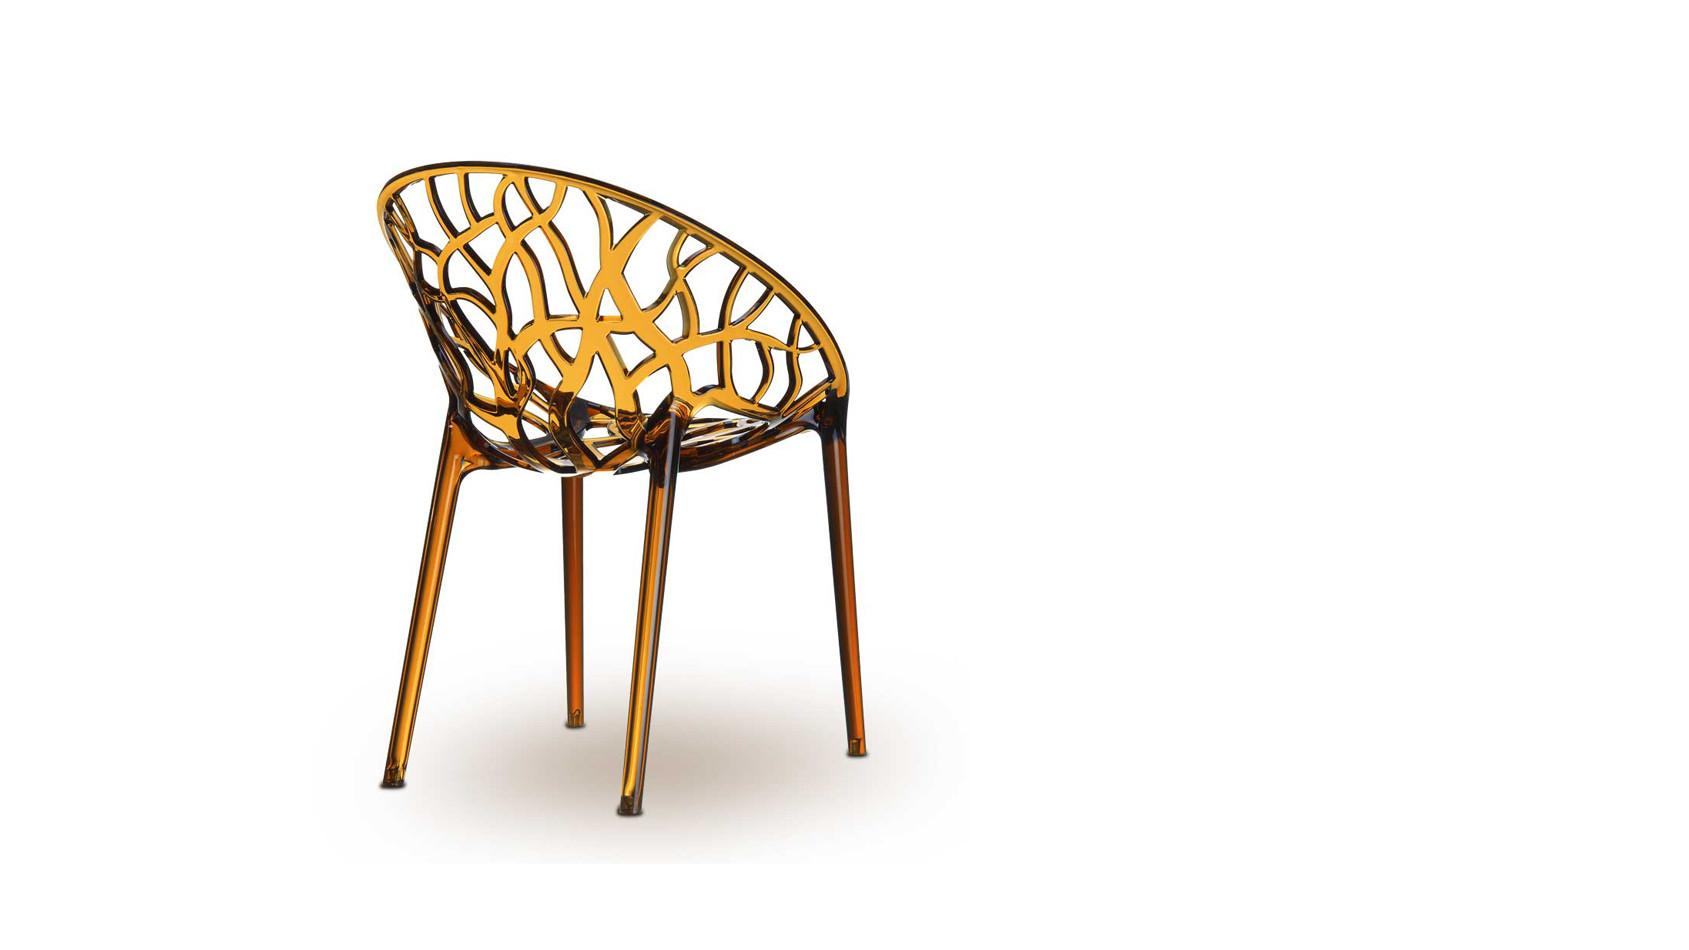 Atemberaubendes Design aus hochfestem Polyamid in Amber, der Plexiglas Stuhl NATURE.